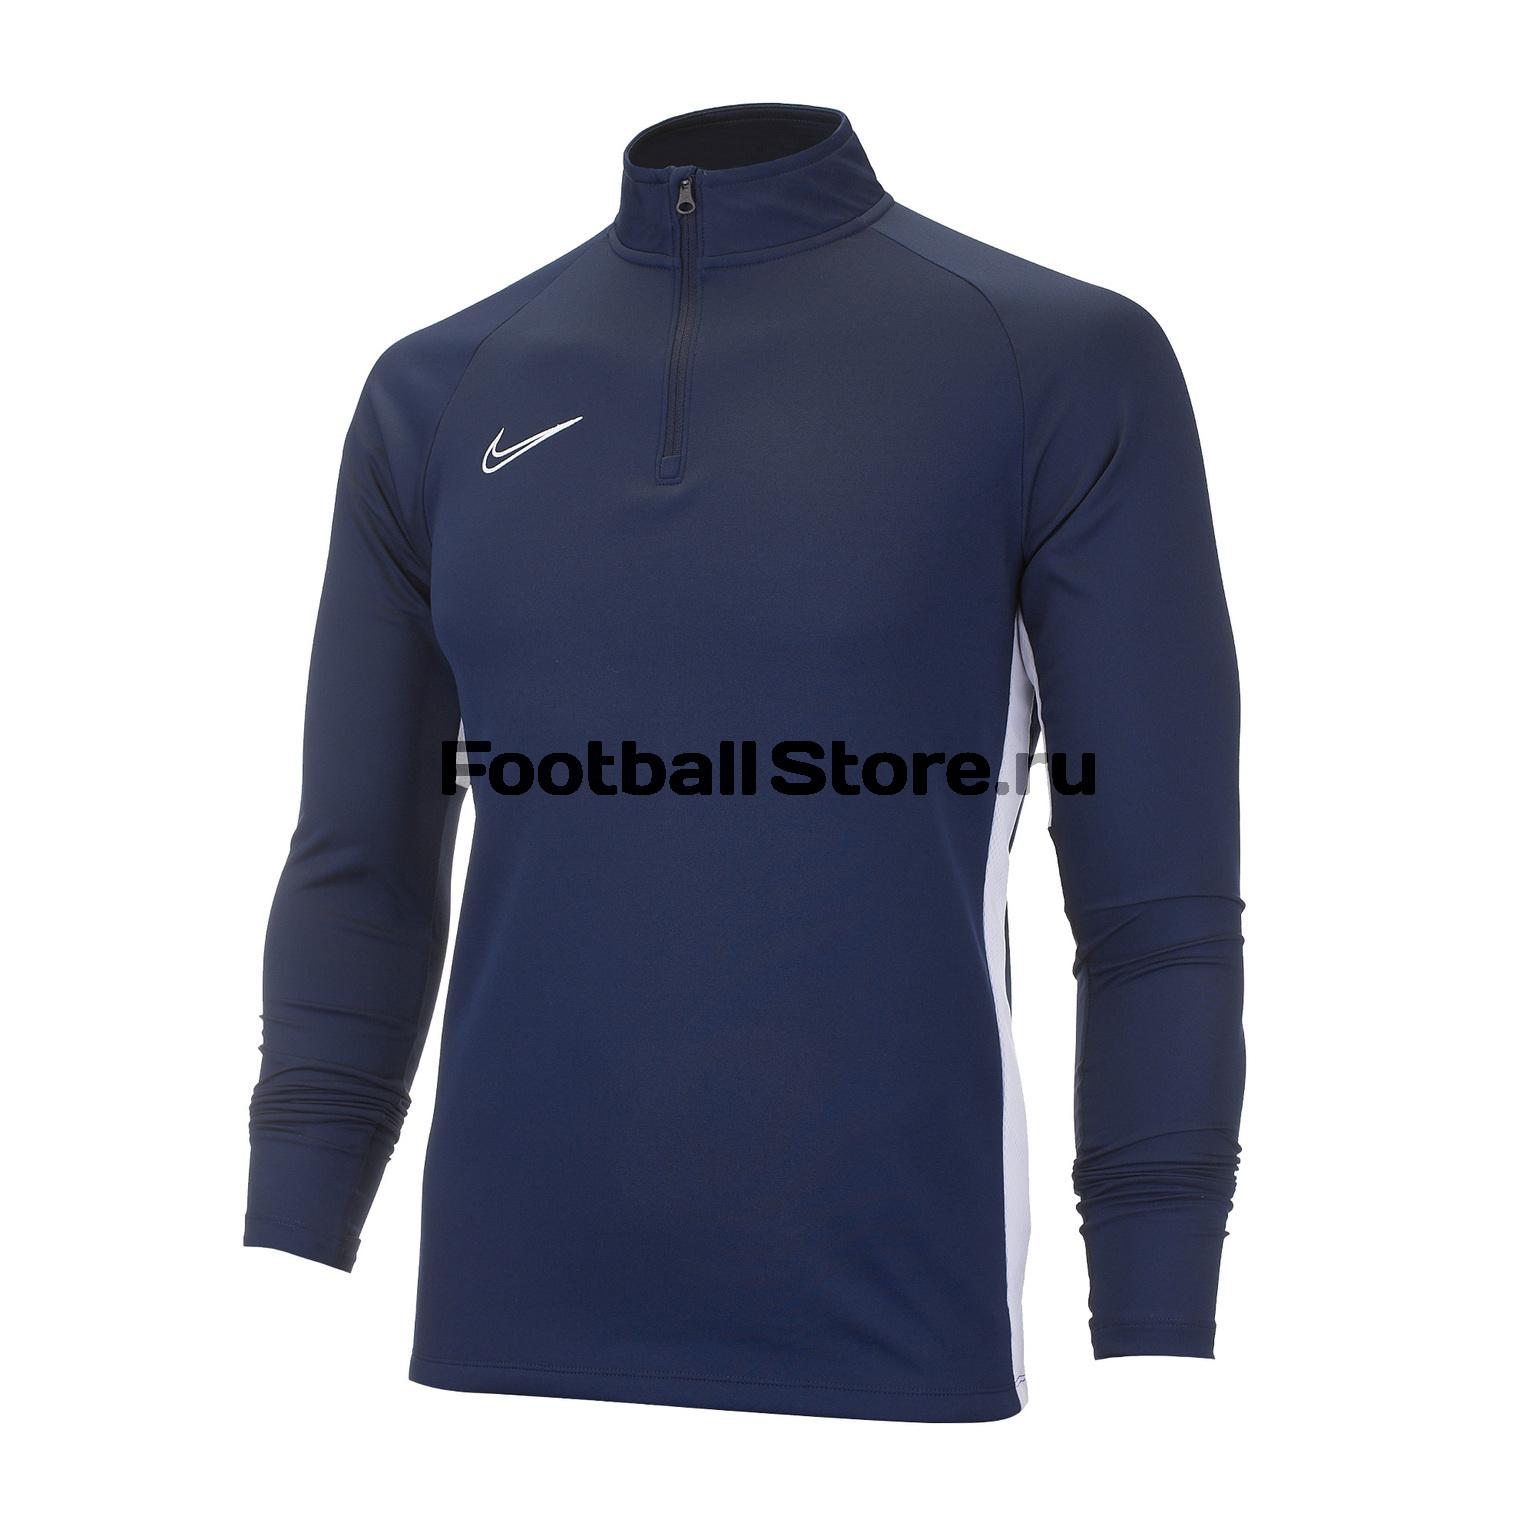 Фото - Свитер тренировочный Nike Dry Academy19 Dril Top AJ9094-451 свитер тренировочный nike dry academy18 dril top ls 893624 451